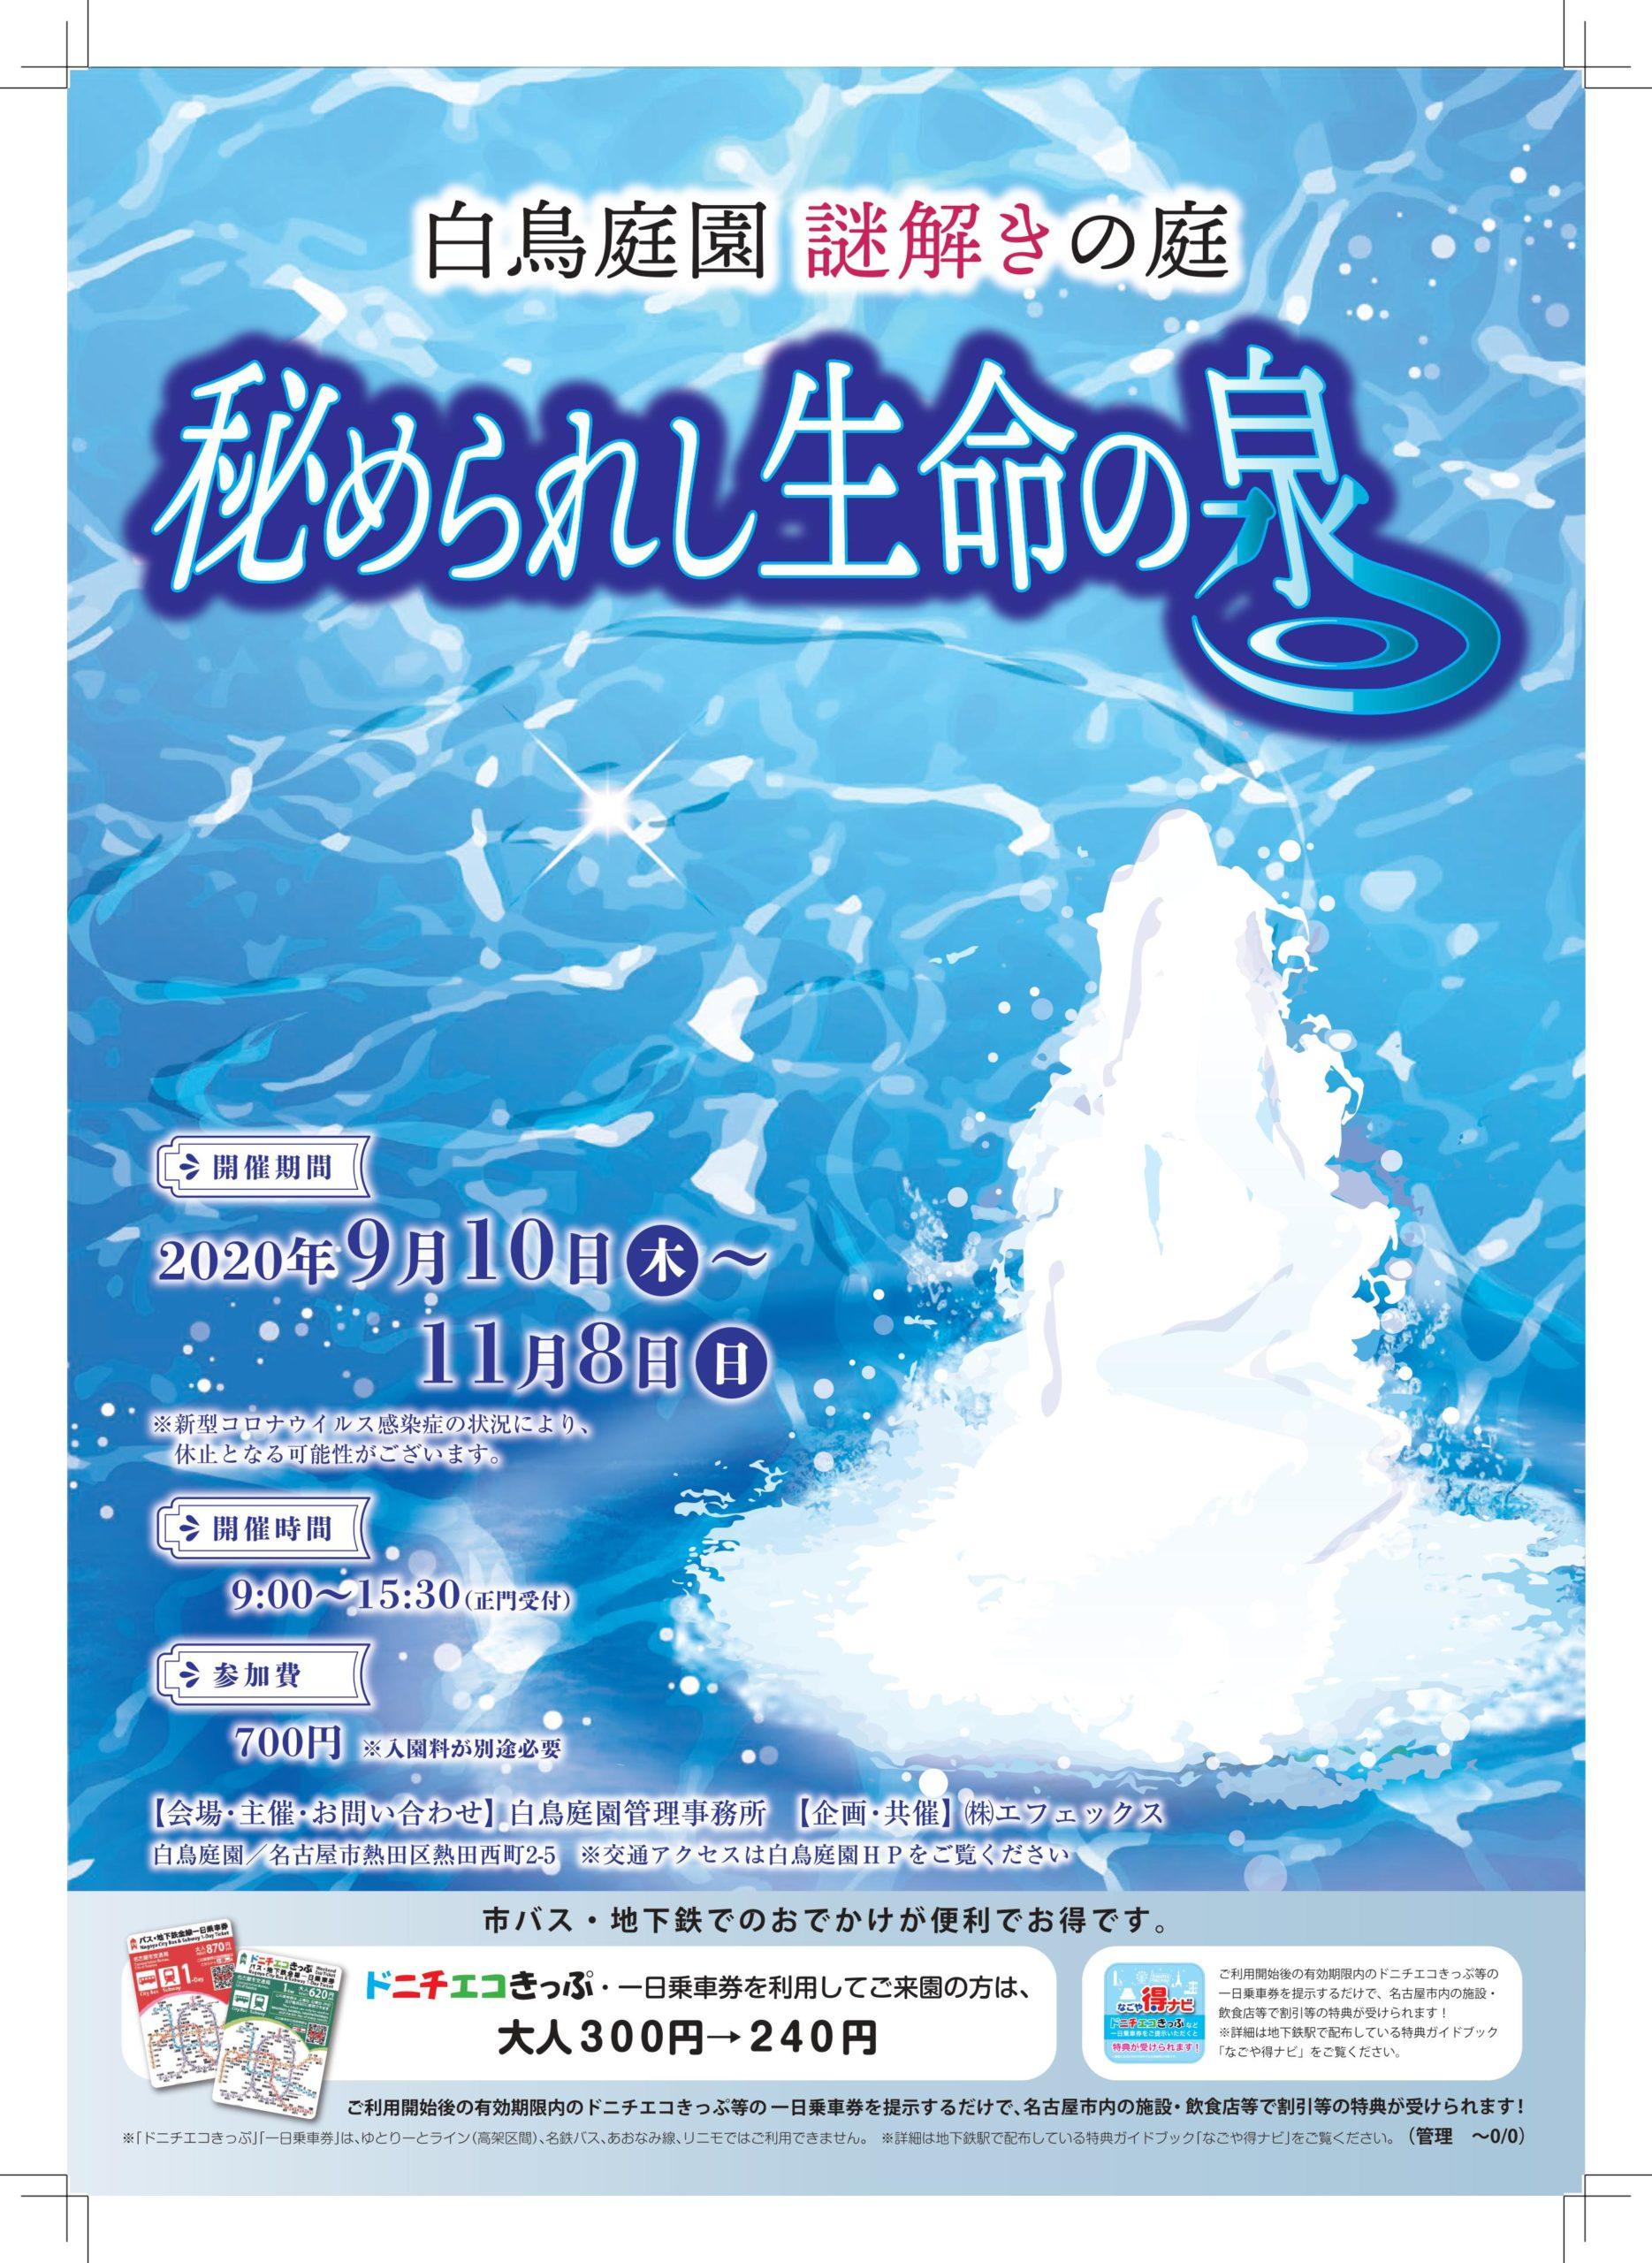 9/10-11/8 白鳥庭園 体験型謎解きゲーム「謎解きの庭 秘められし生命の泉」